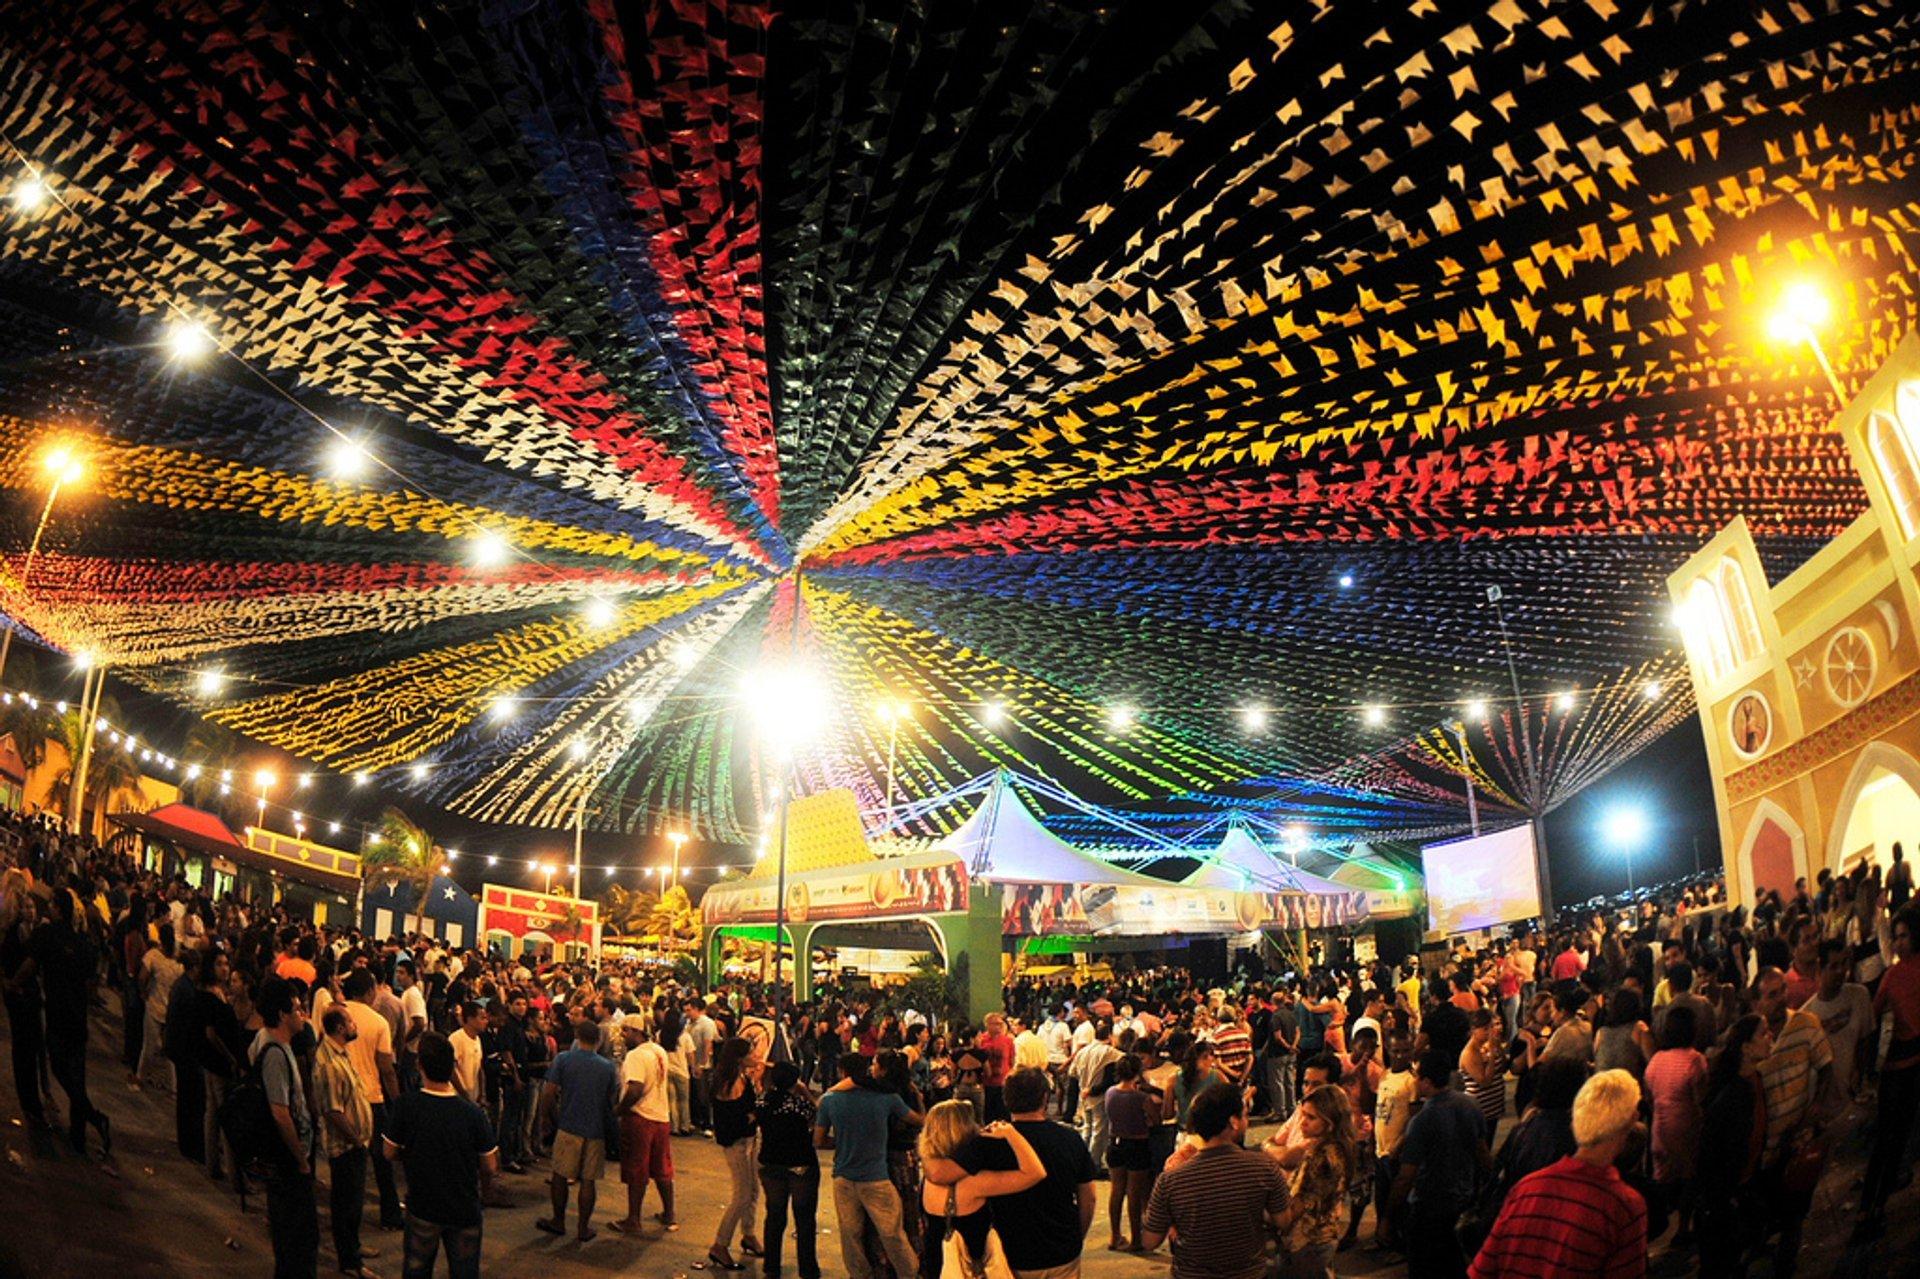 Festa de São João do Porto in Portugal - Best Time